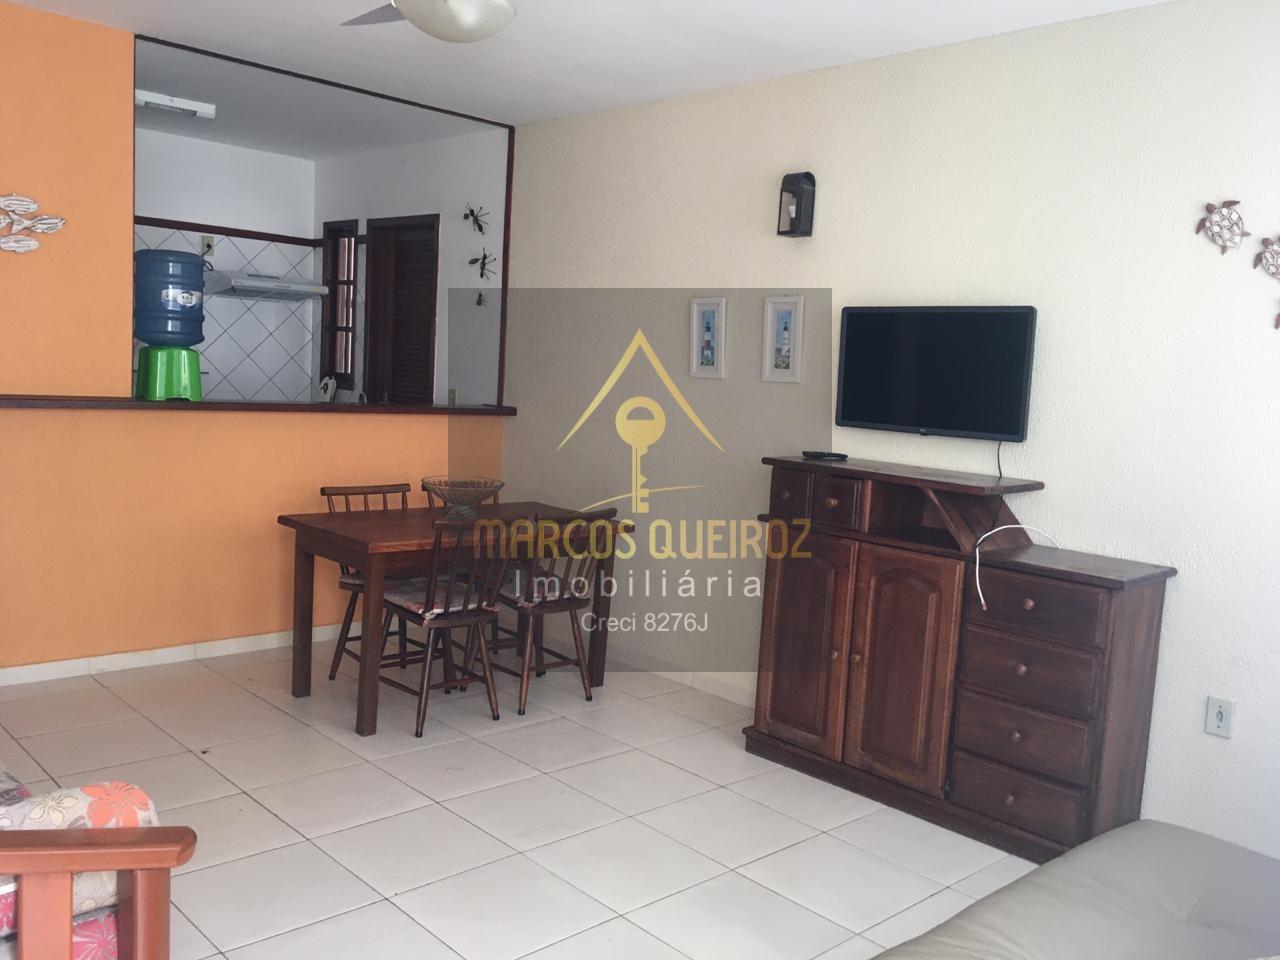 Cod: F78 Casa linear  em condomínio com 02 suítes e quintal – Auguel fixo